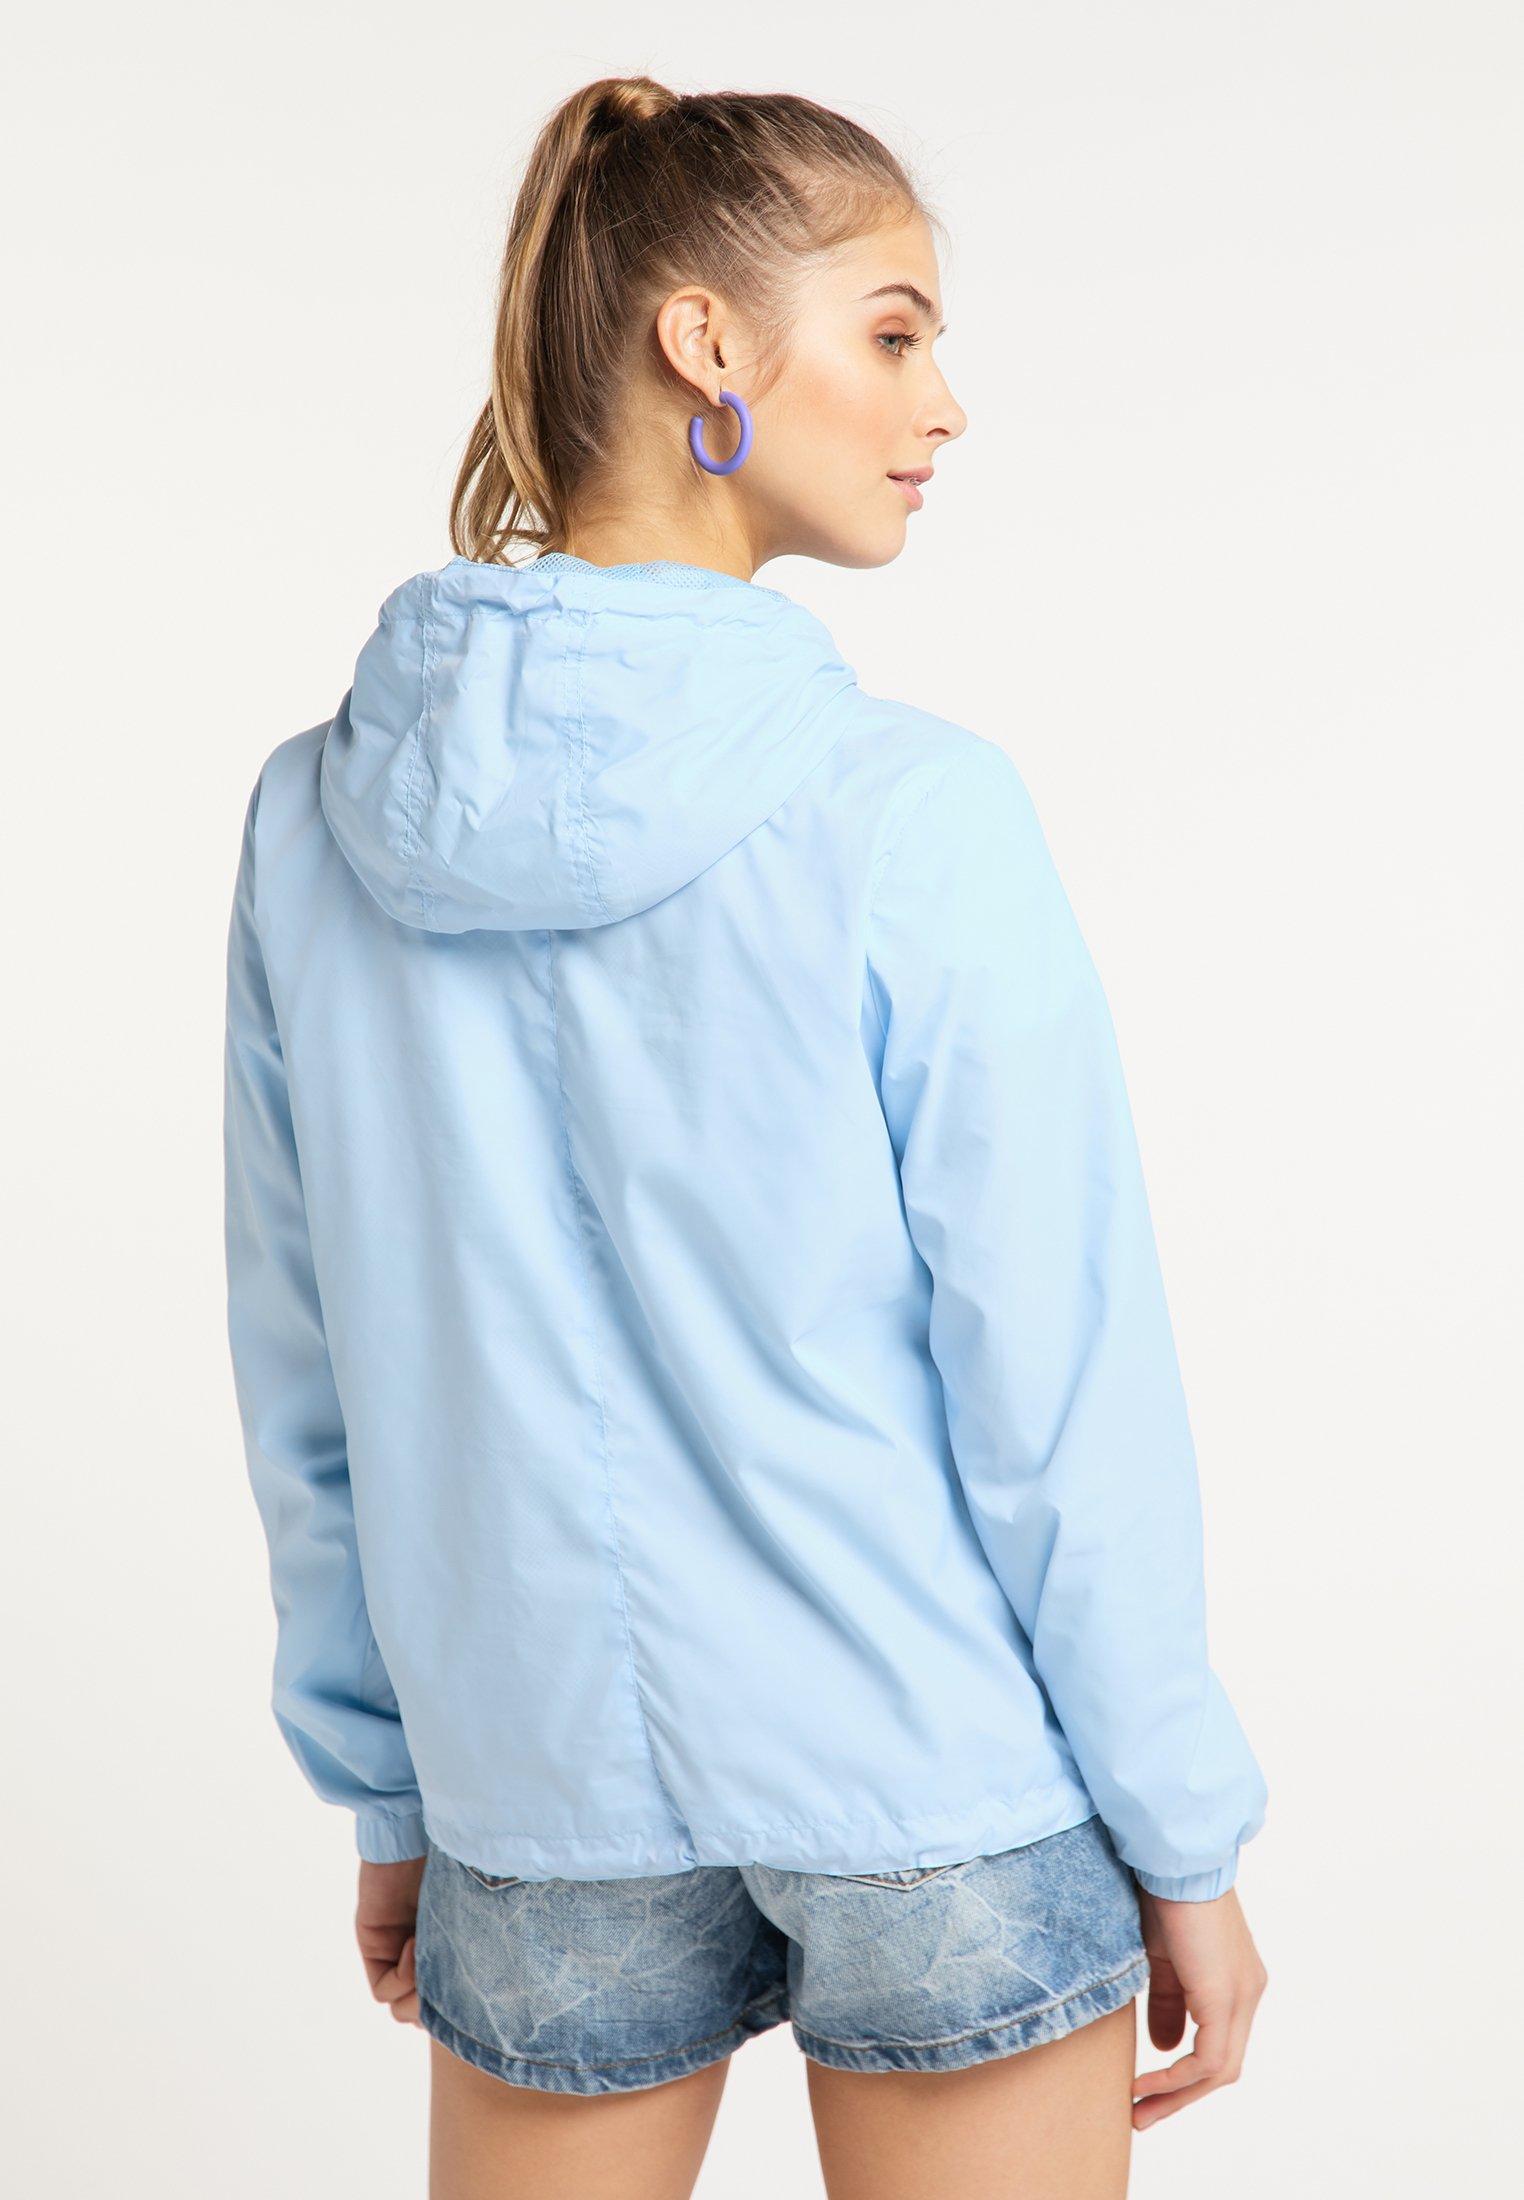 myMo SCHLUPFJACKE Windbreaker light blue/hellblau